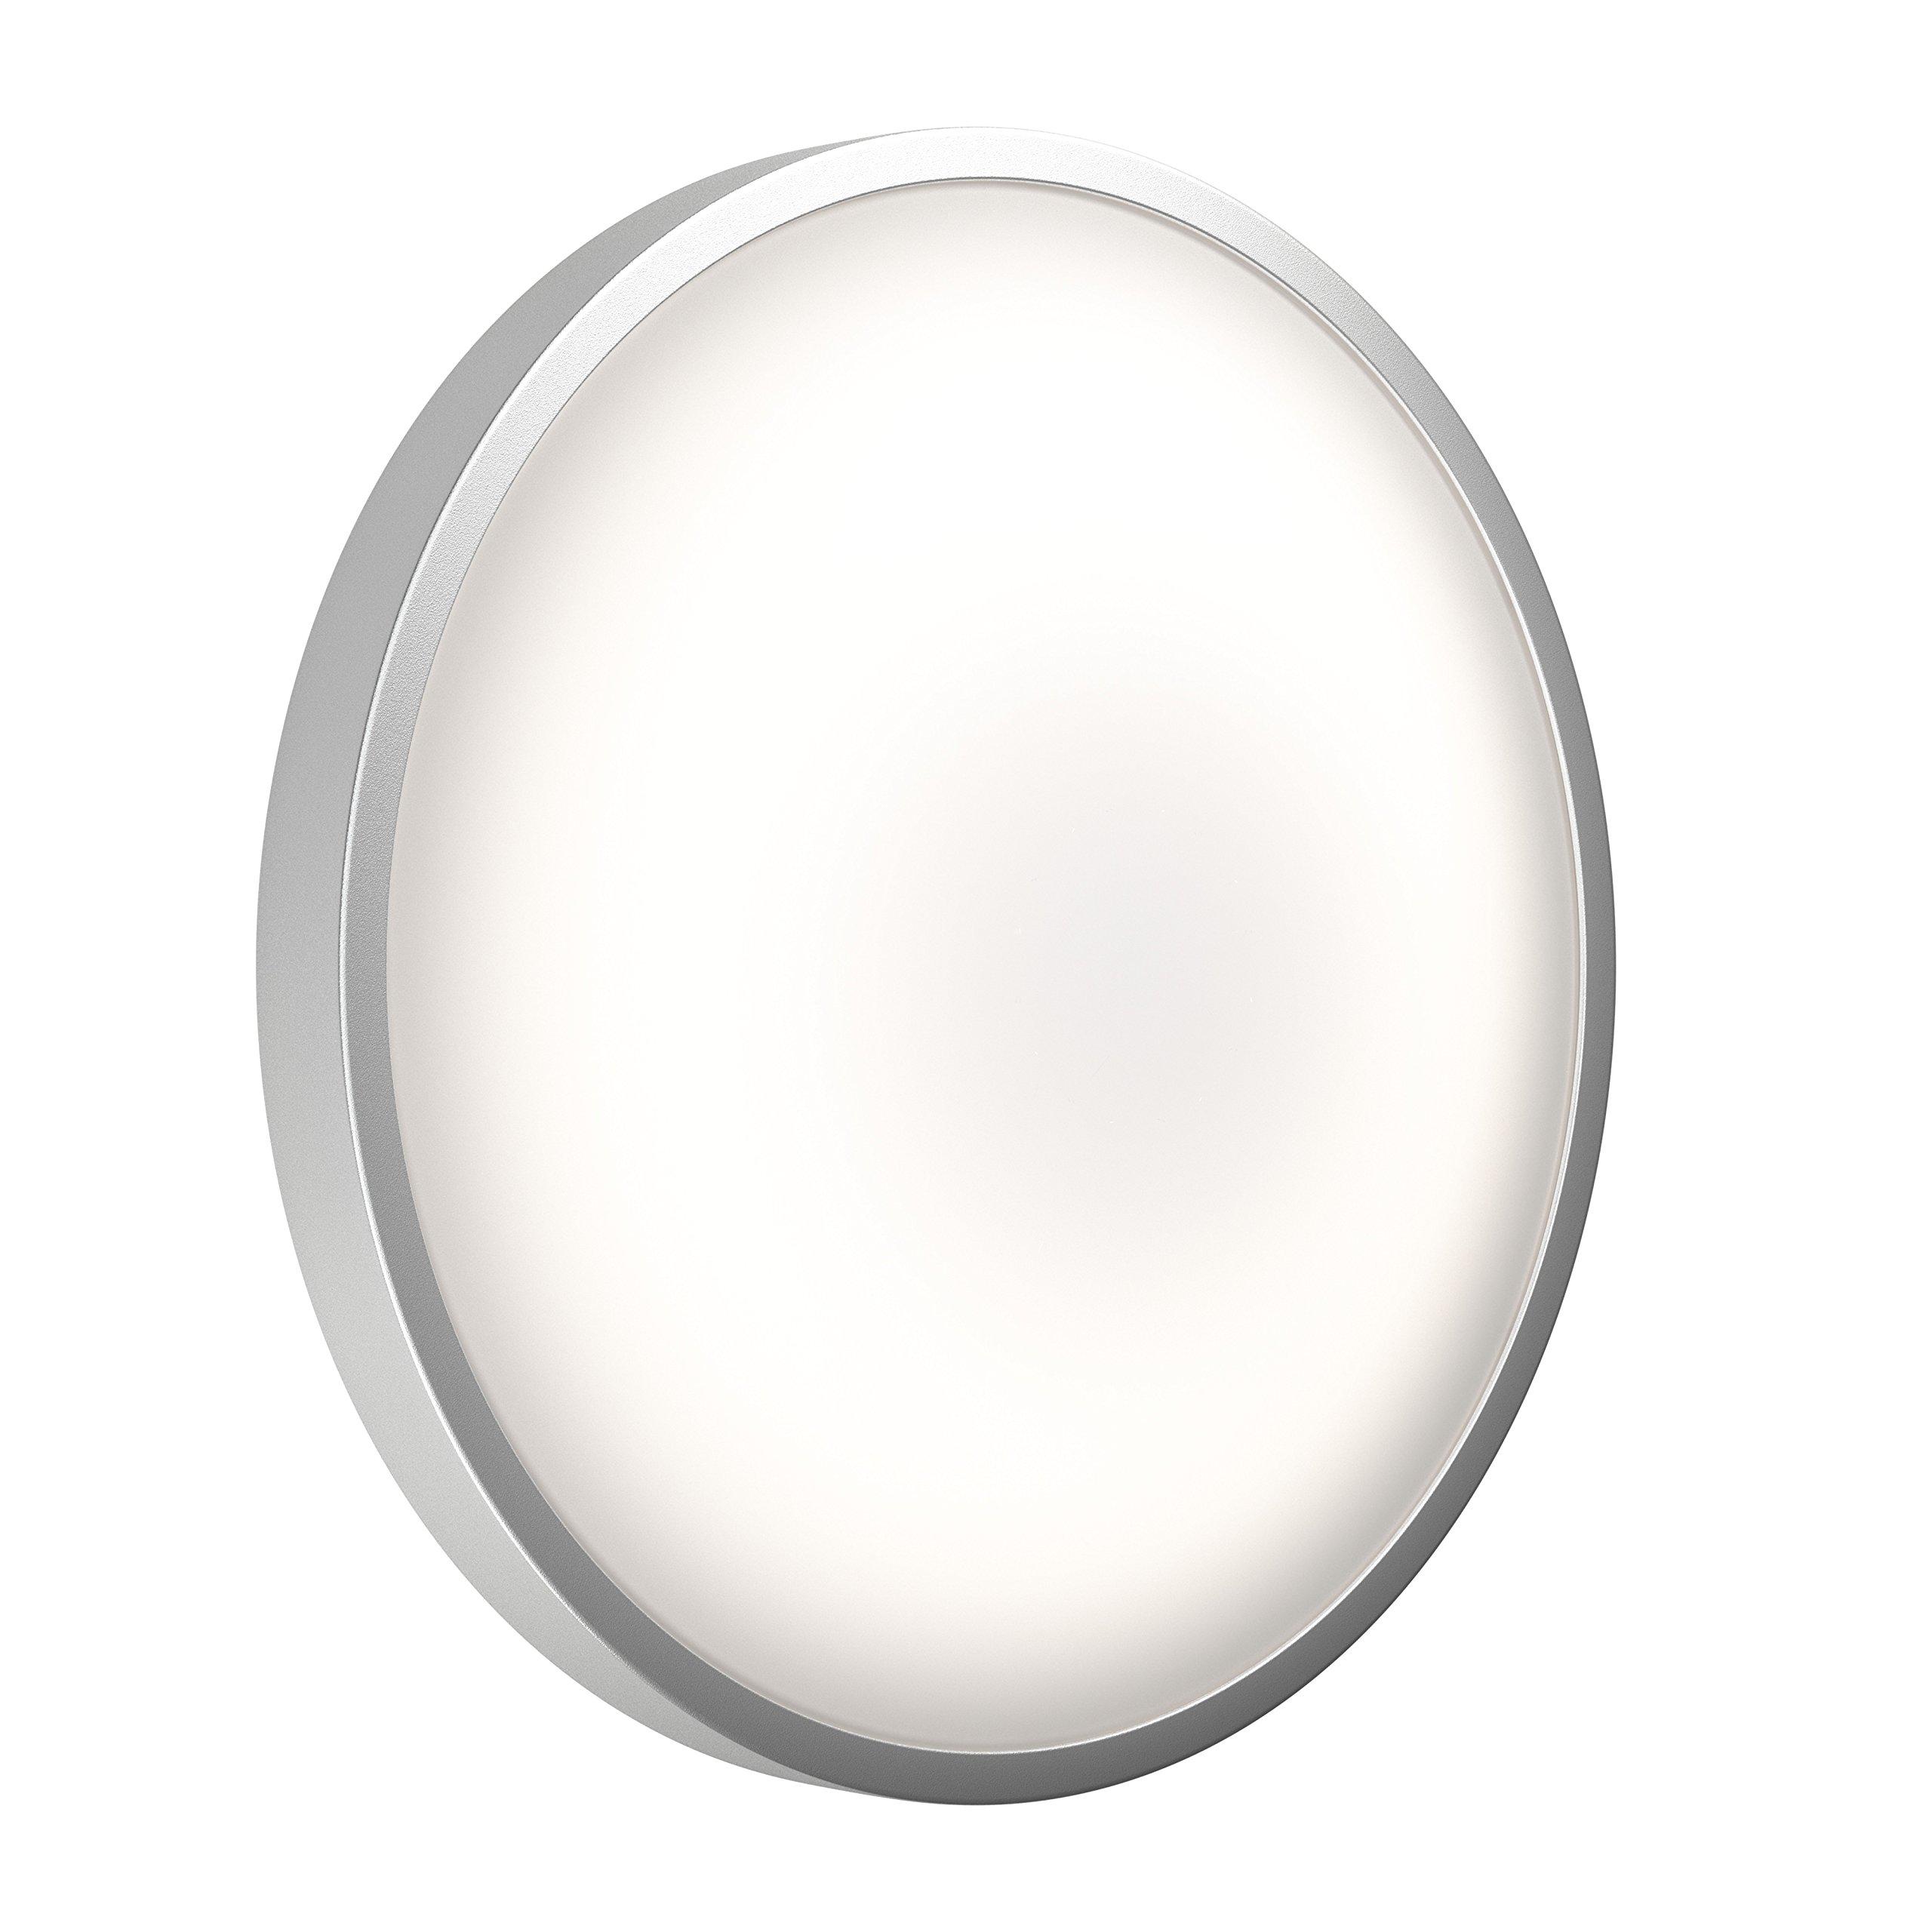 オスラムシララLEDシーリングライト、色温度変更、30 cm、16 Wカラー変更40 cm 4058075032958